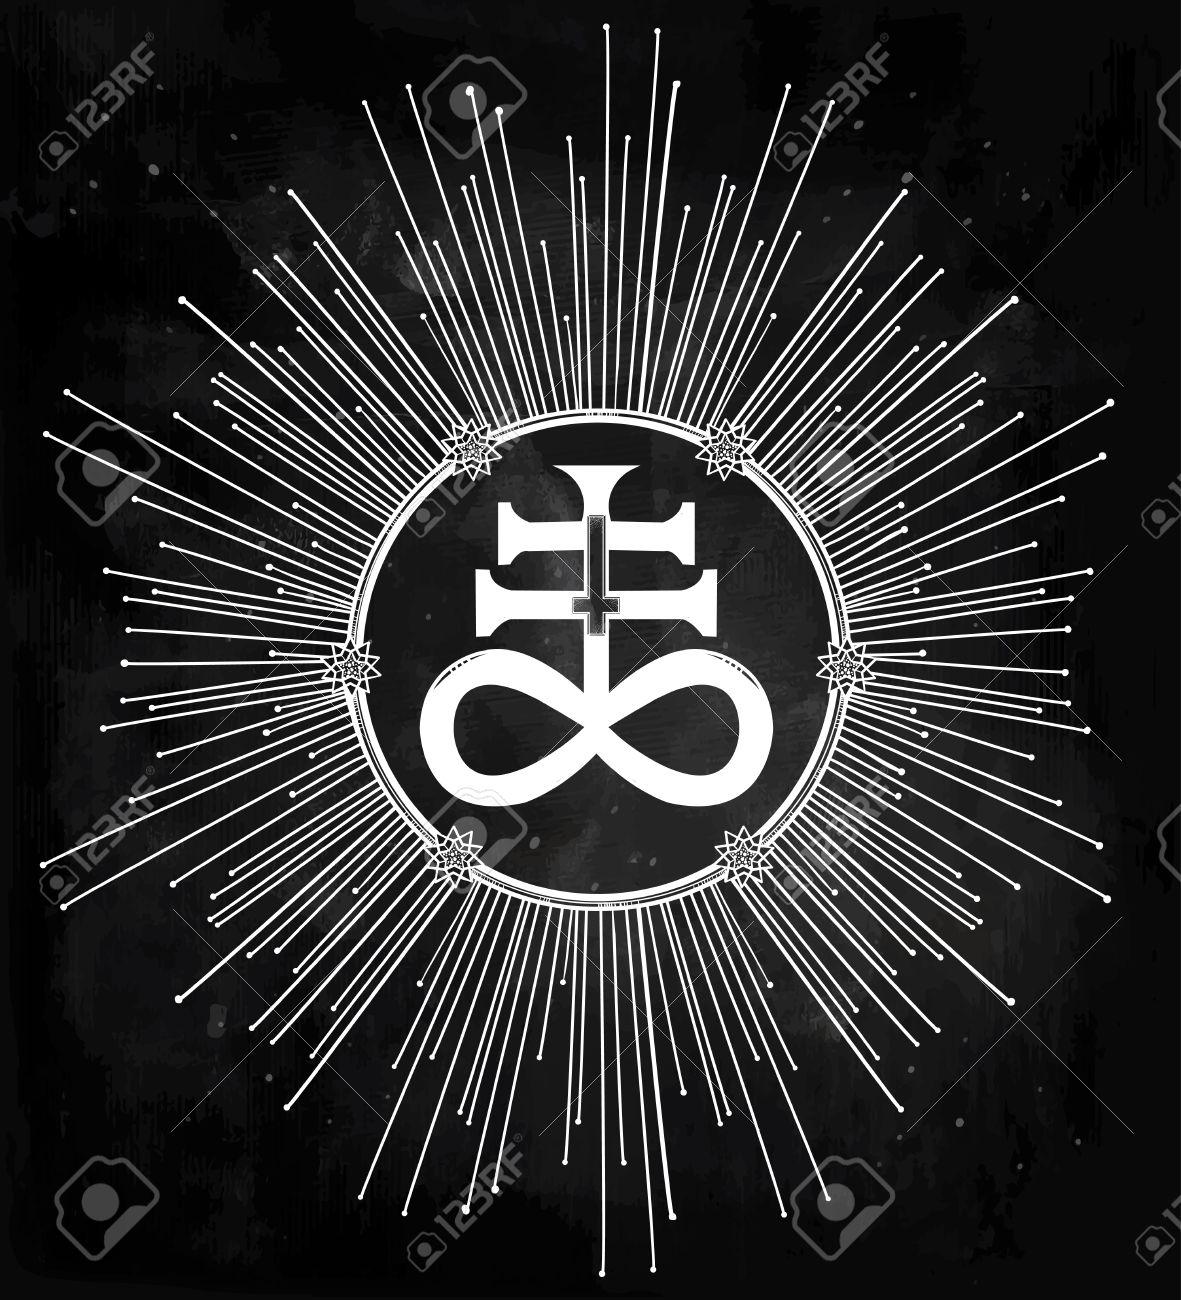 Idées de factions 47704705-La-Croix-satanique-galement-connu-comme-la-croix-Leviathan-une-variation-du-symbole-alchimique-du-so-Banque-d%27images